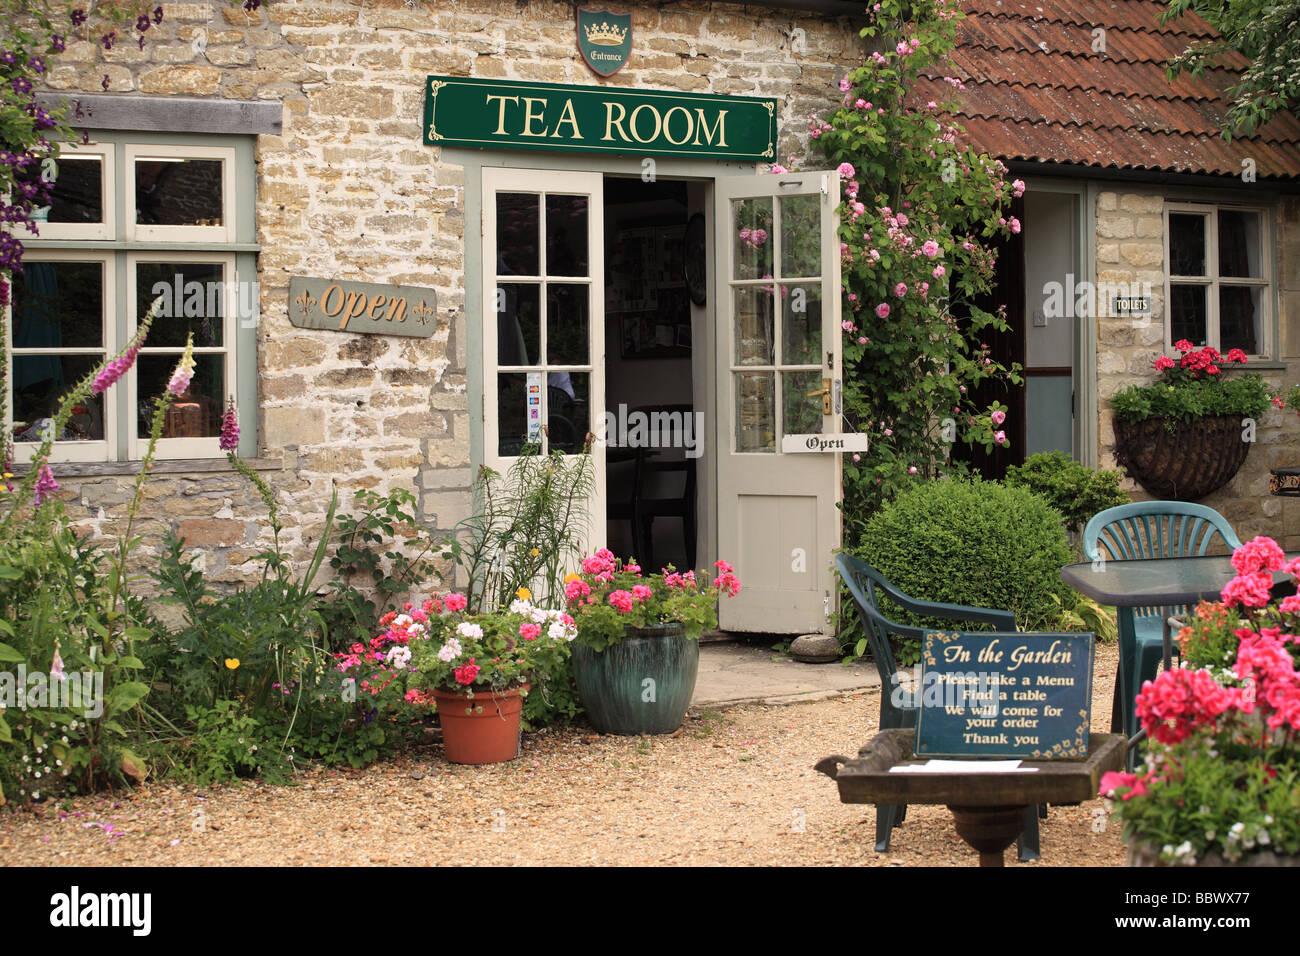 Tea Room in the Wiltshire village of Lacock, Wiltshire, England - Stock Image